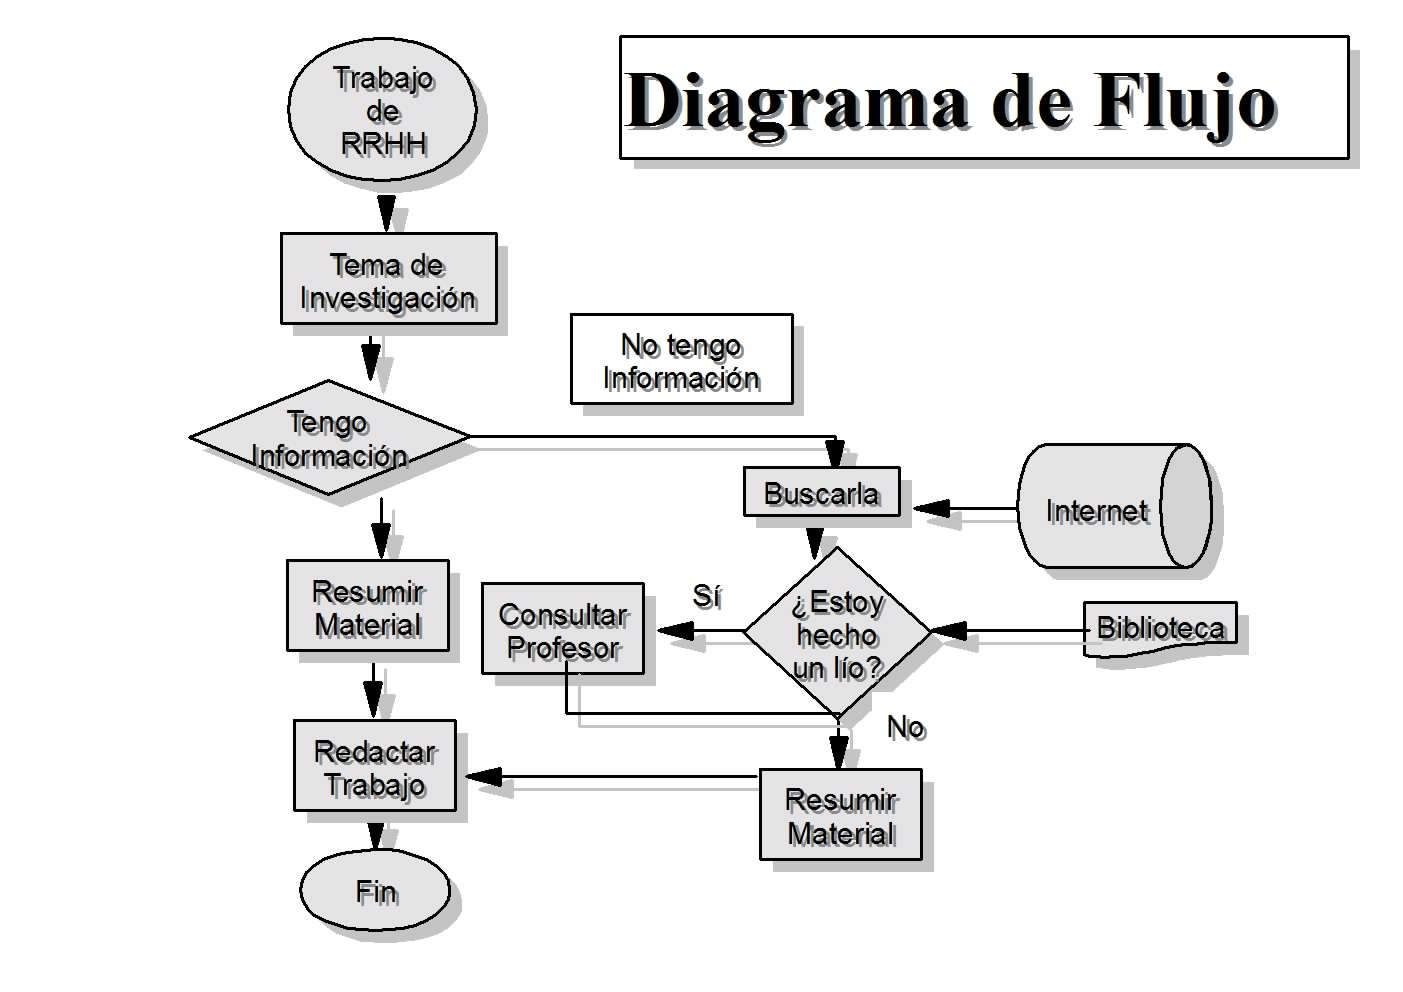 Desarrollo de sistemas de informaci n febrero 2011 Procesos de cocina jose luis armendariz